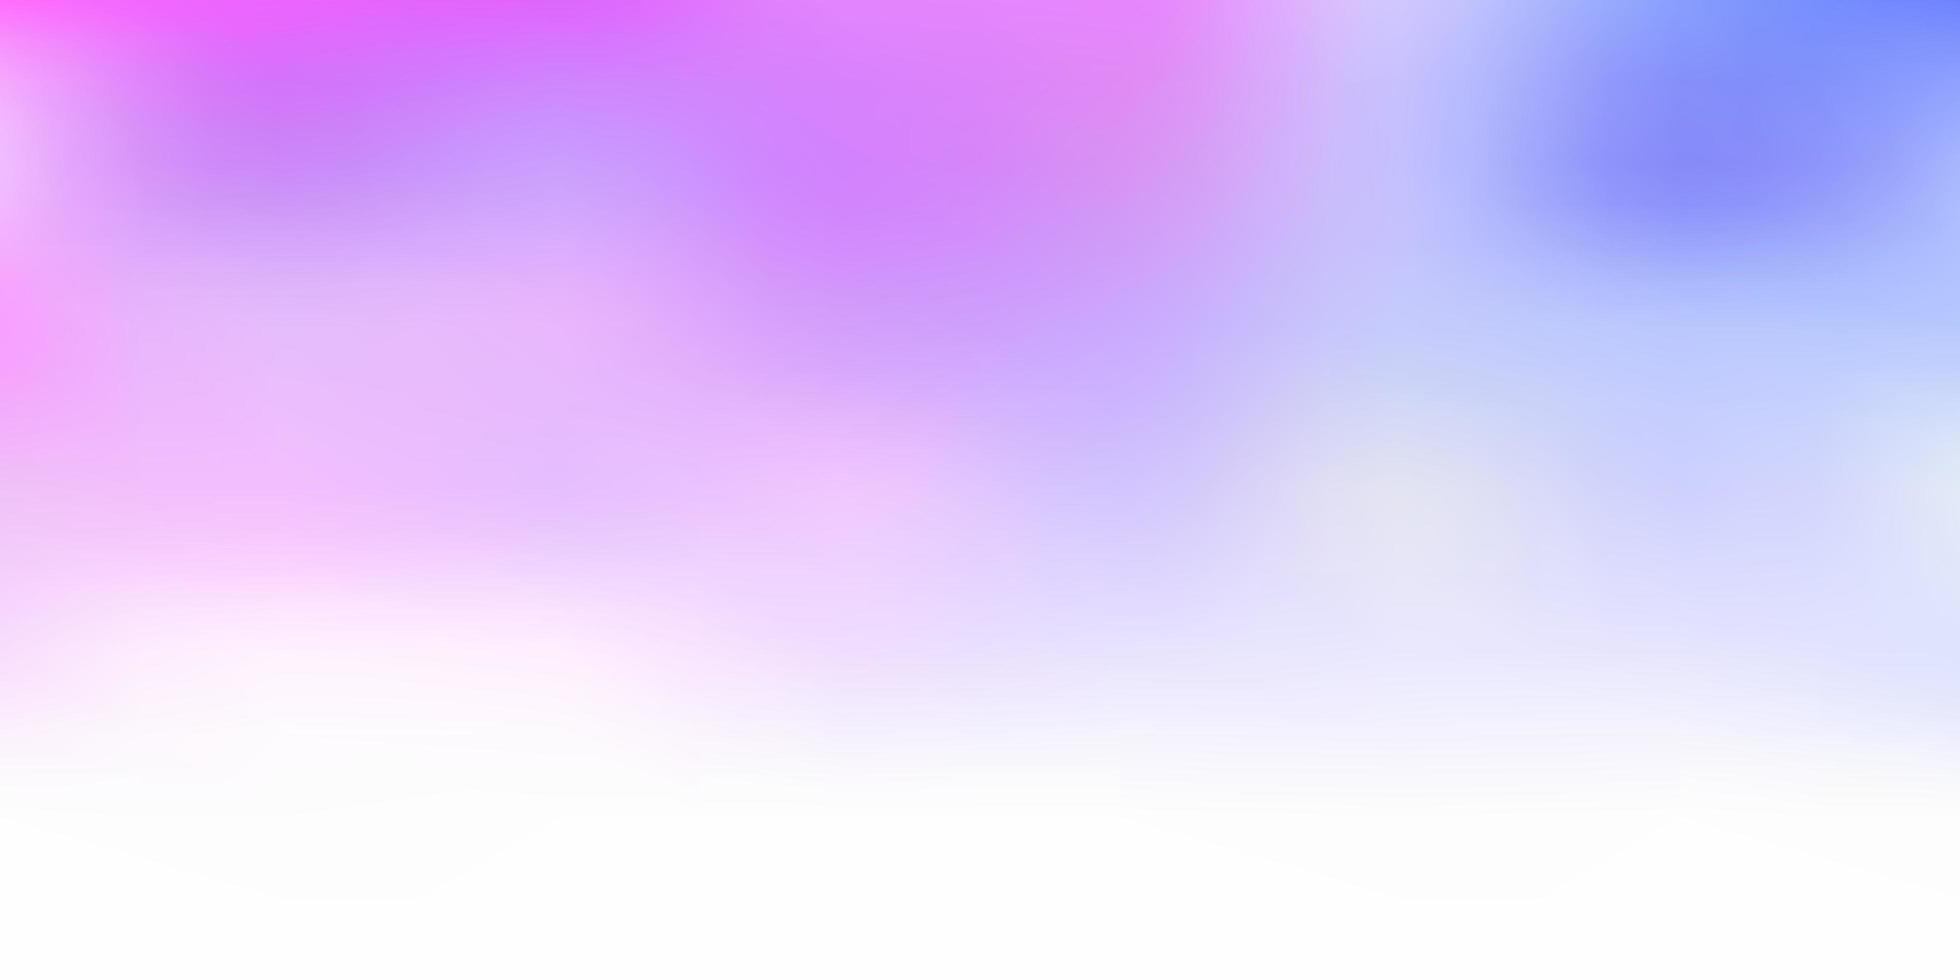 fundo de desfoque de vetor rosa claro e azul.